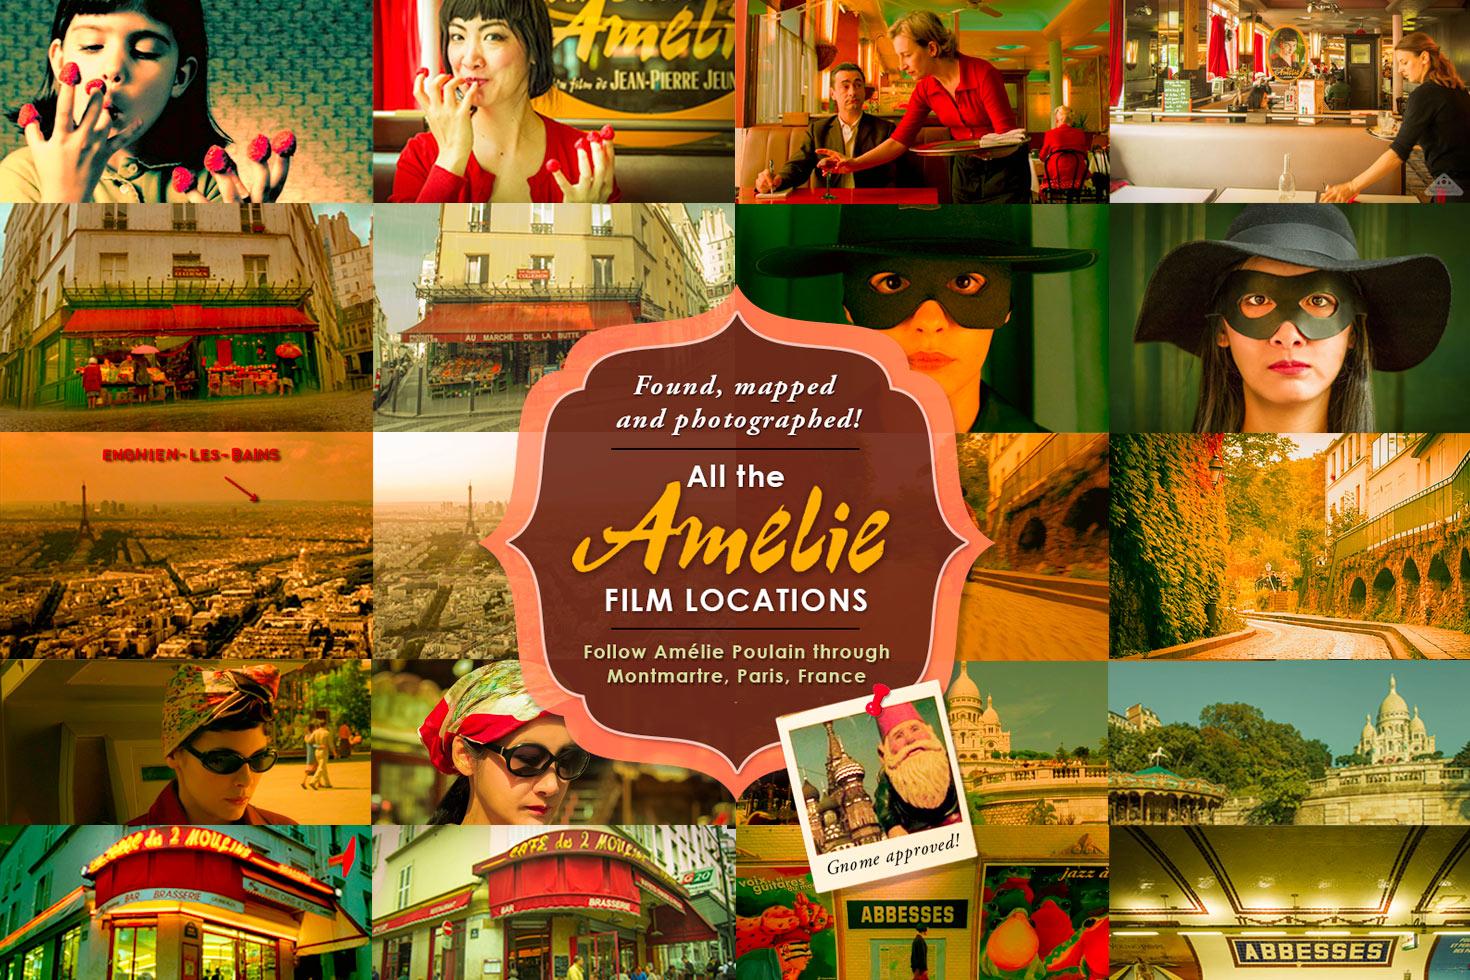 Amélie Poulain Film locations map: Montmartre Paris, Walking tour, Amélie inspired photoshoot and more!